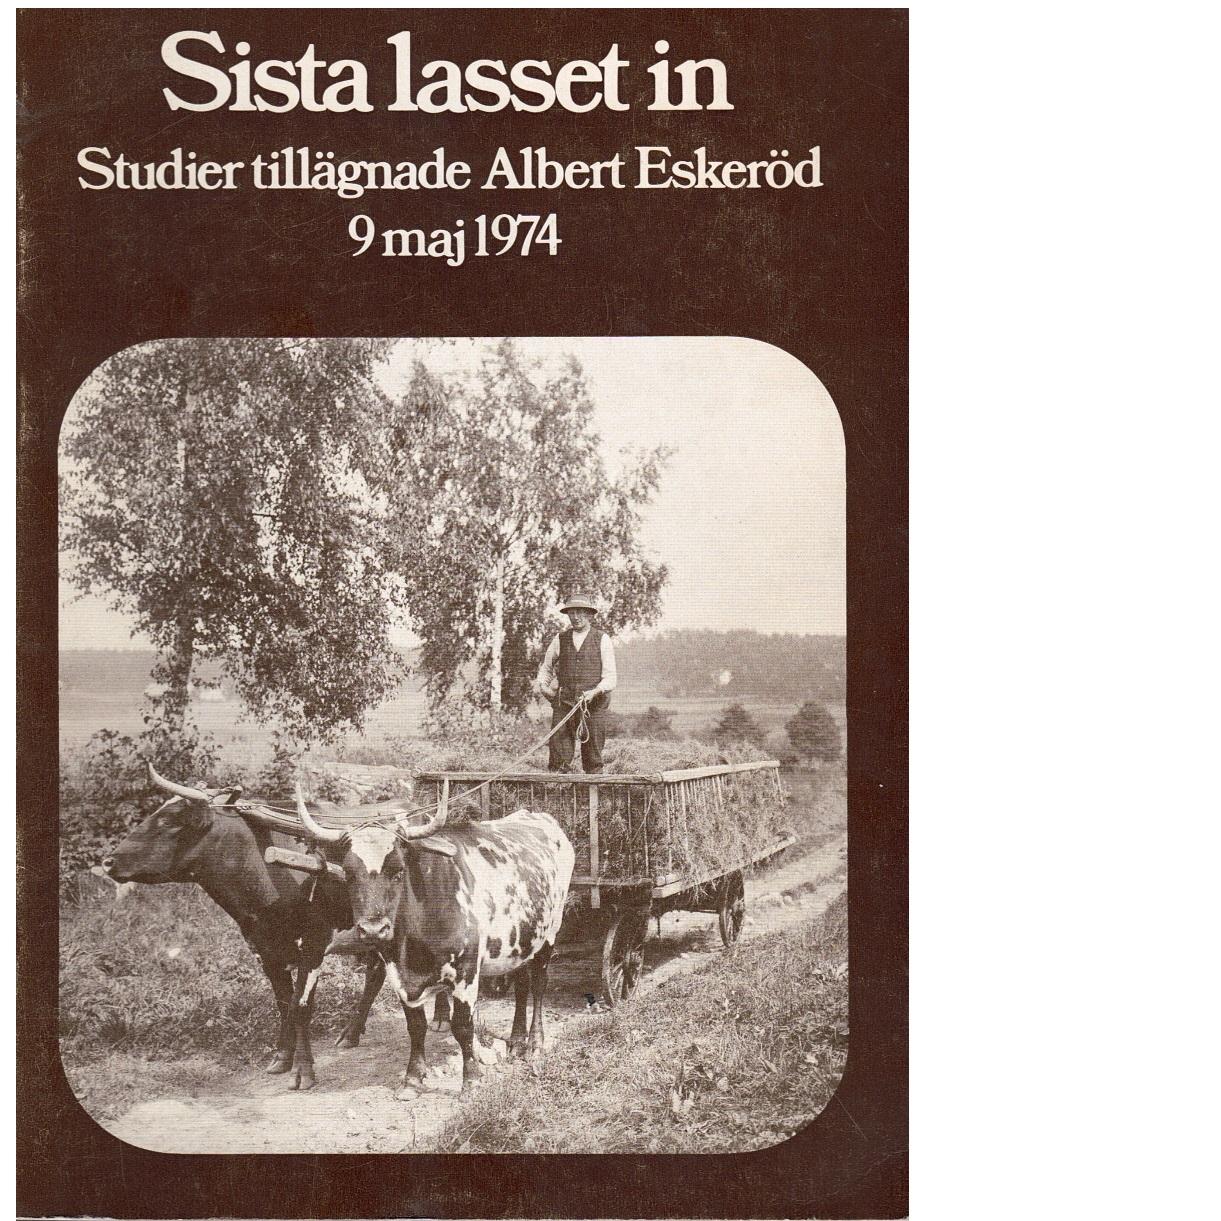 Sista lasset in - Studier tillägnade Albert Eskeröd 9 maj 1974 - Red.